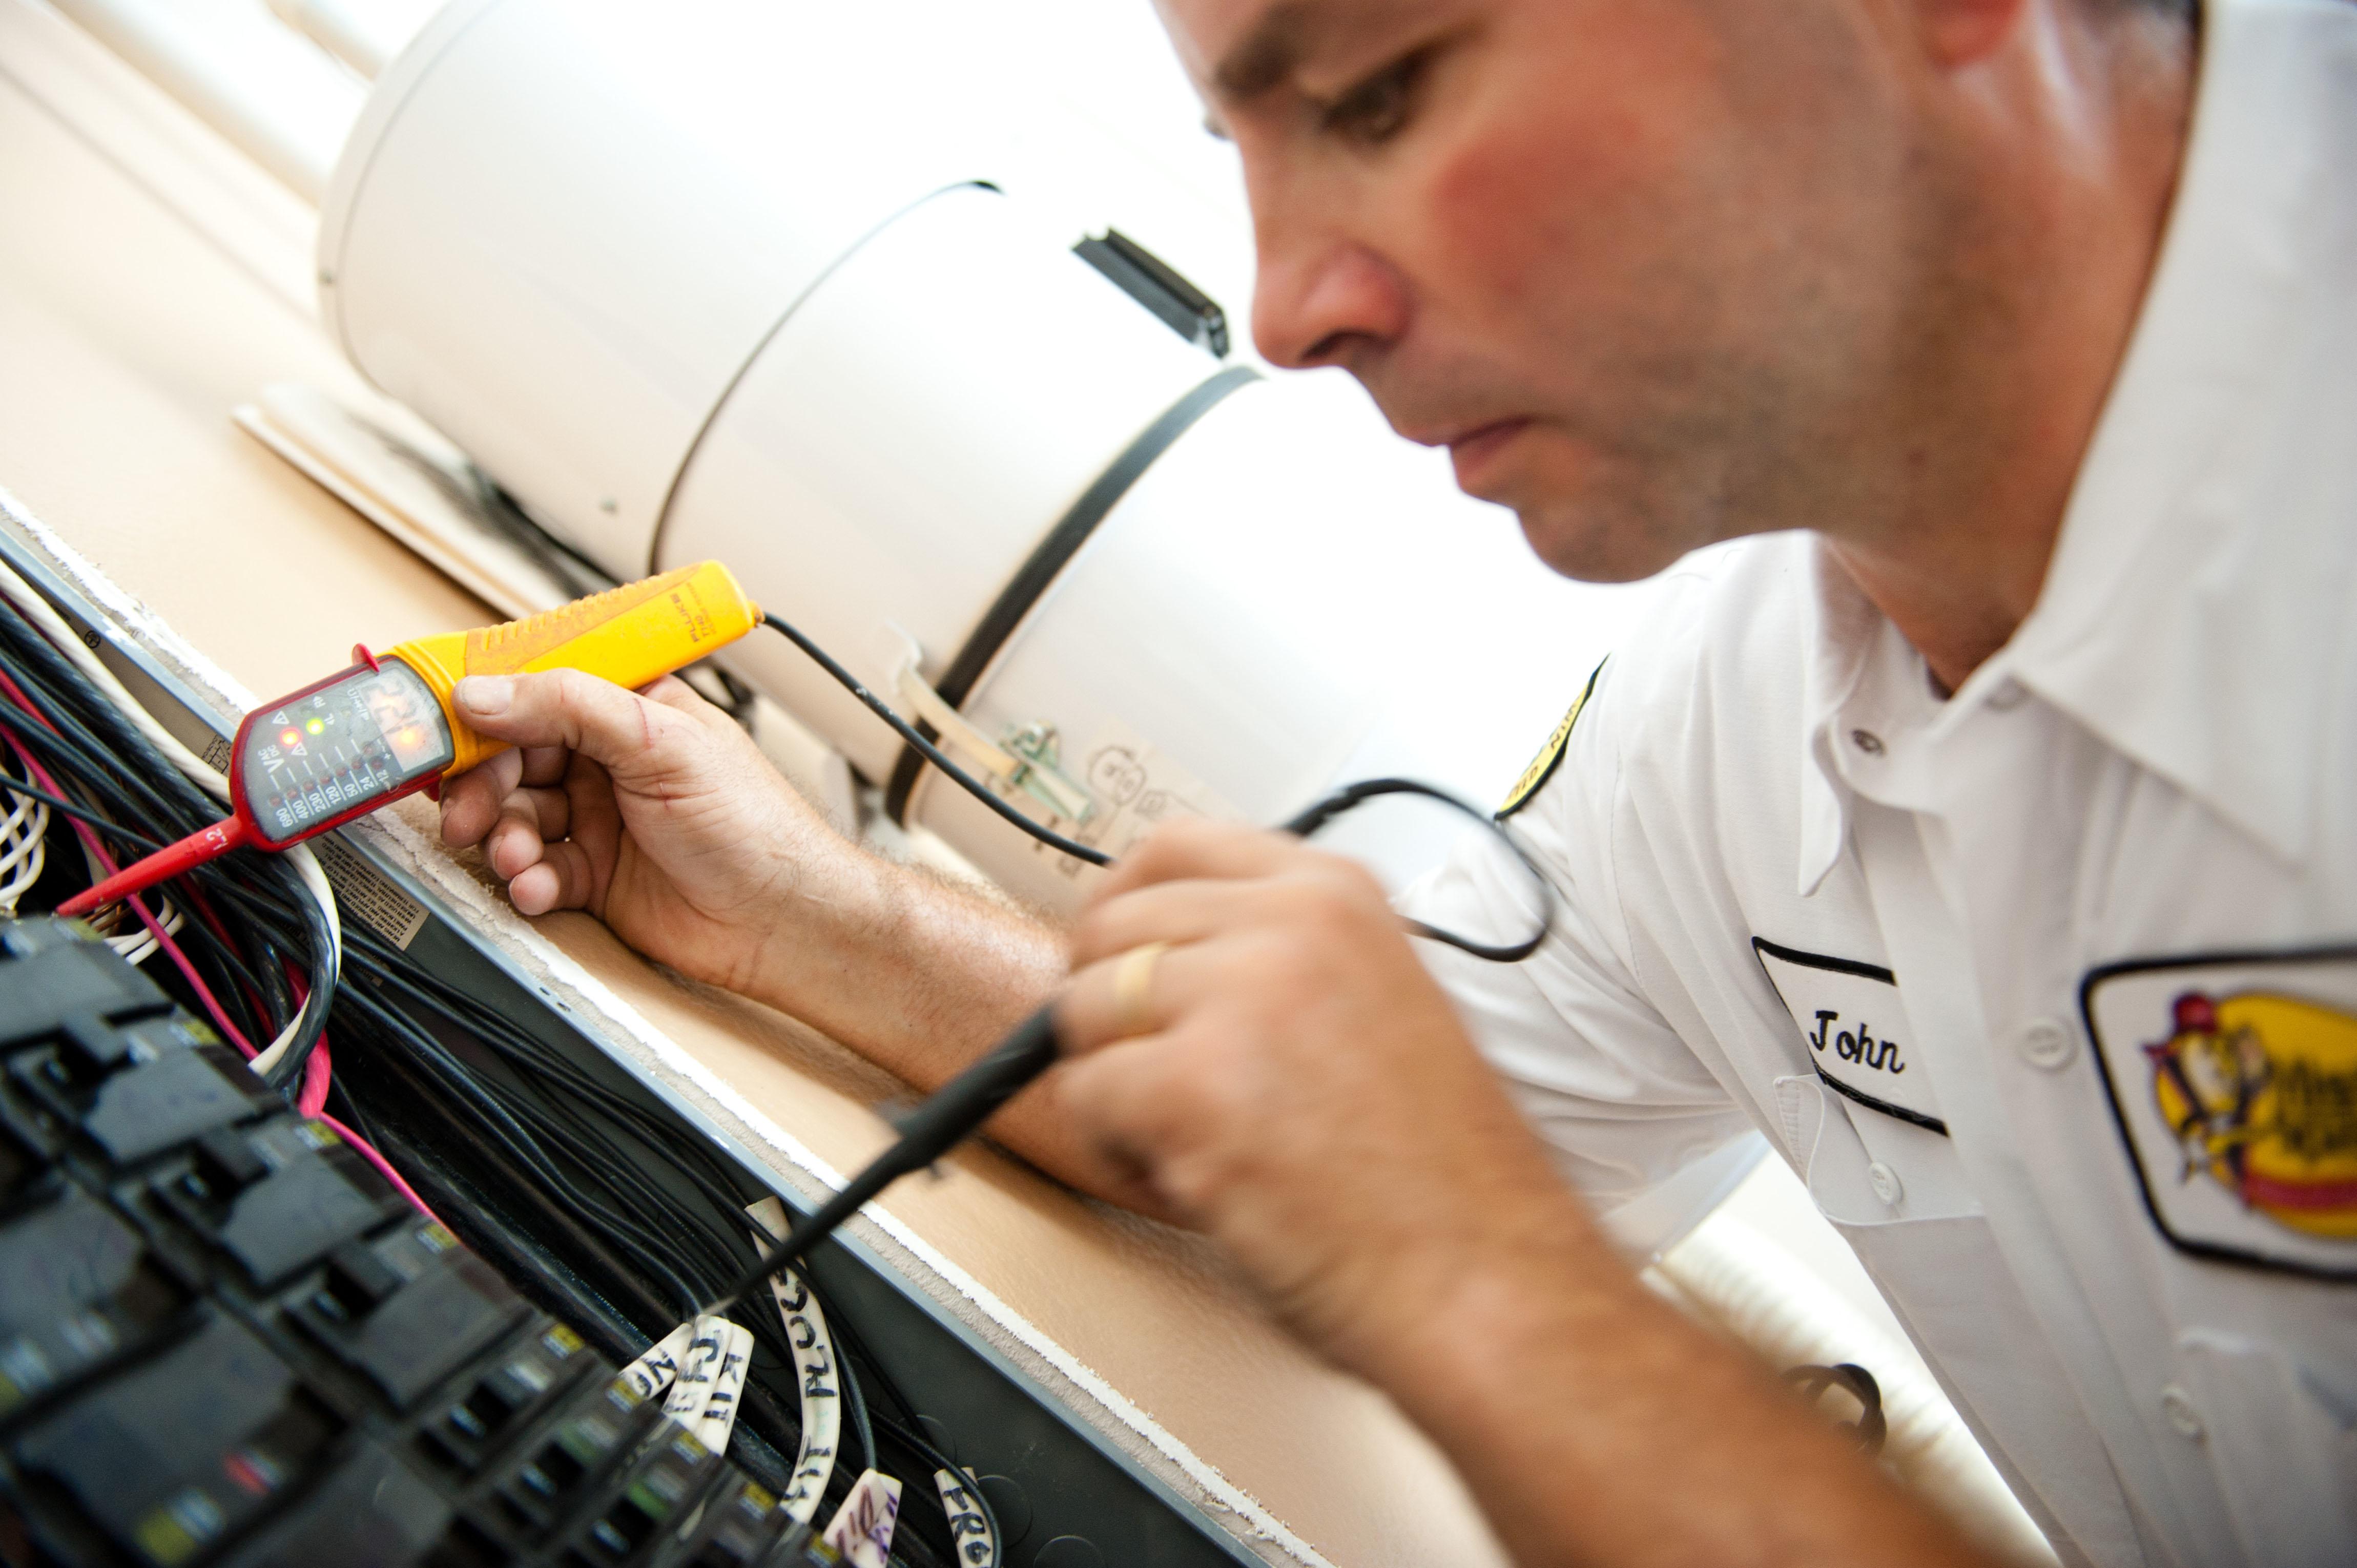 Mister Sparky Electrician Katy image 10